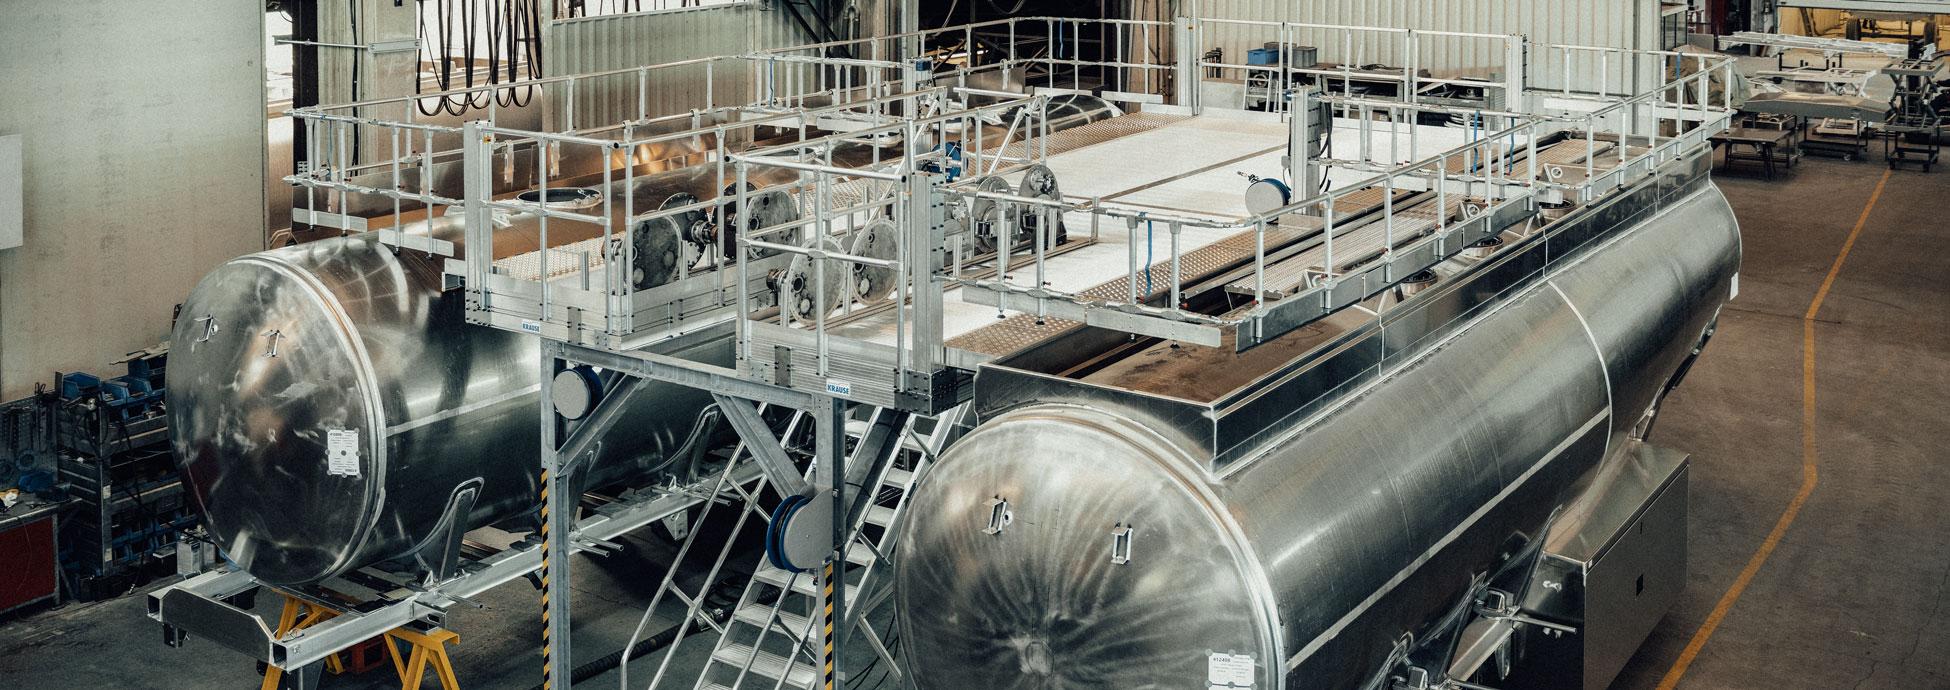 Dupla munkaállvány lépcsőfeljáróval tartálykocsik gyártáshoz